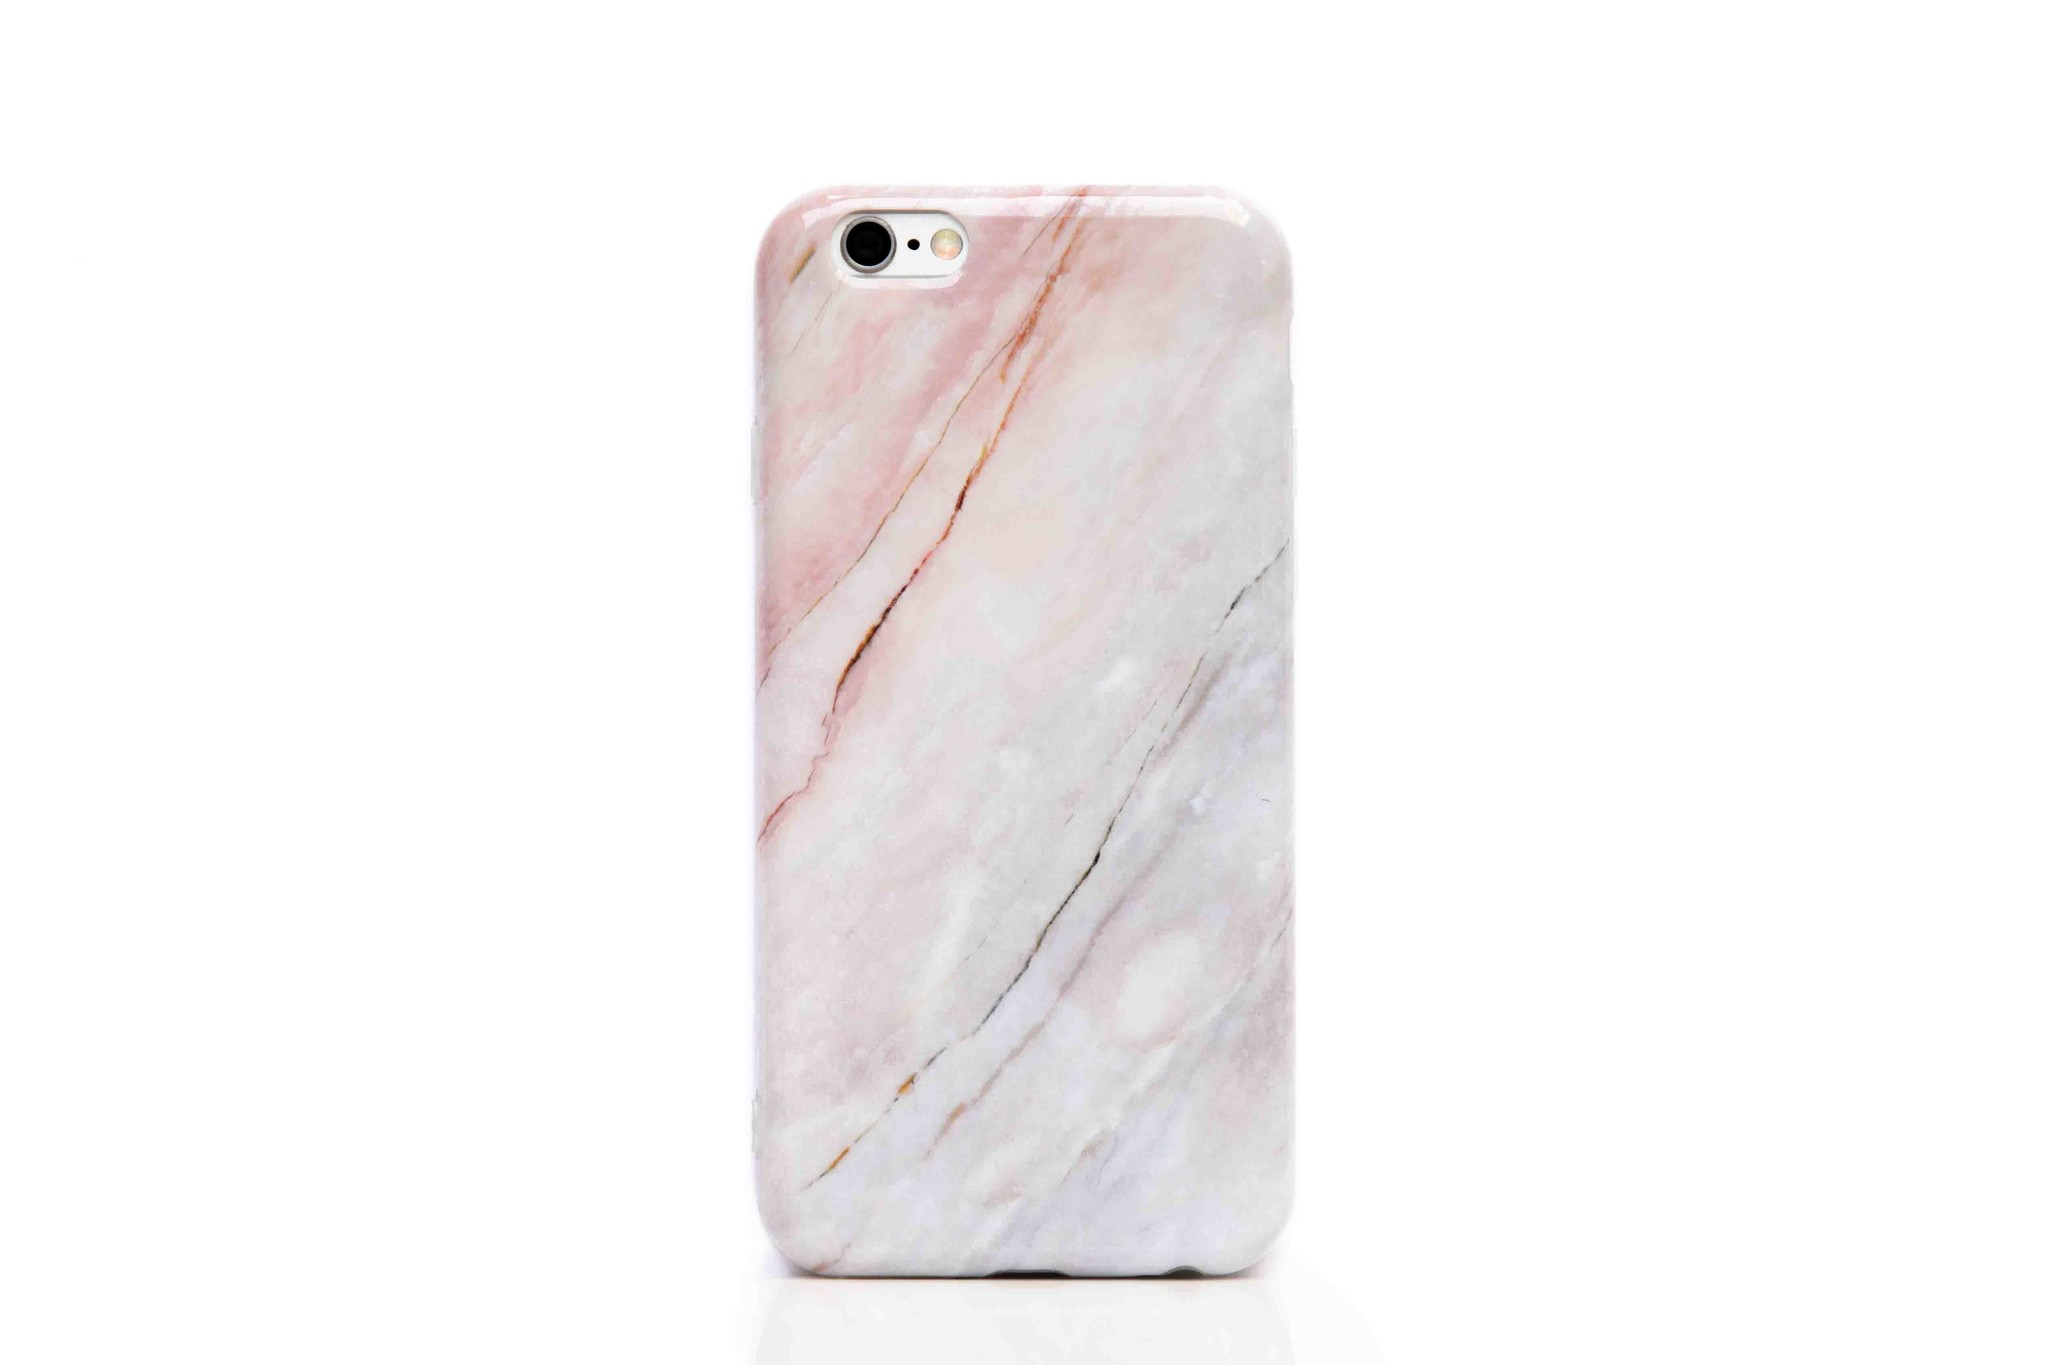 Smartphonehoesje iPhone 6s | Marmerlook | Wit / roze